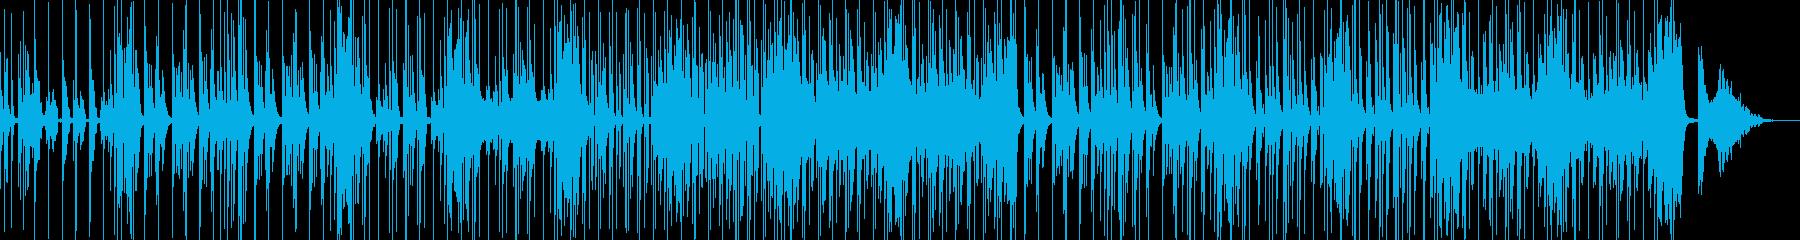 コメディに適した滑稽なBGMの再生済みの波形